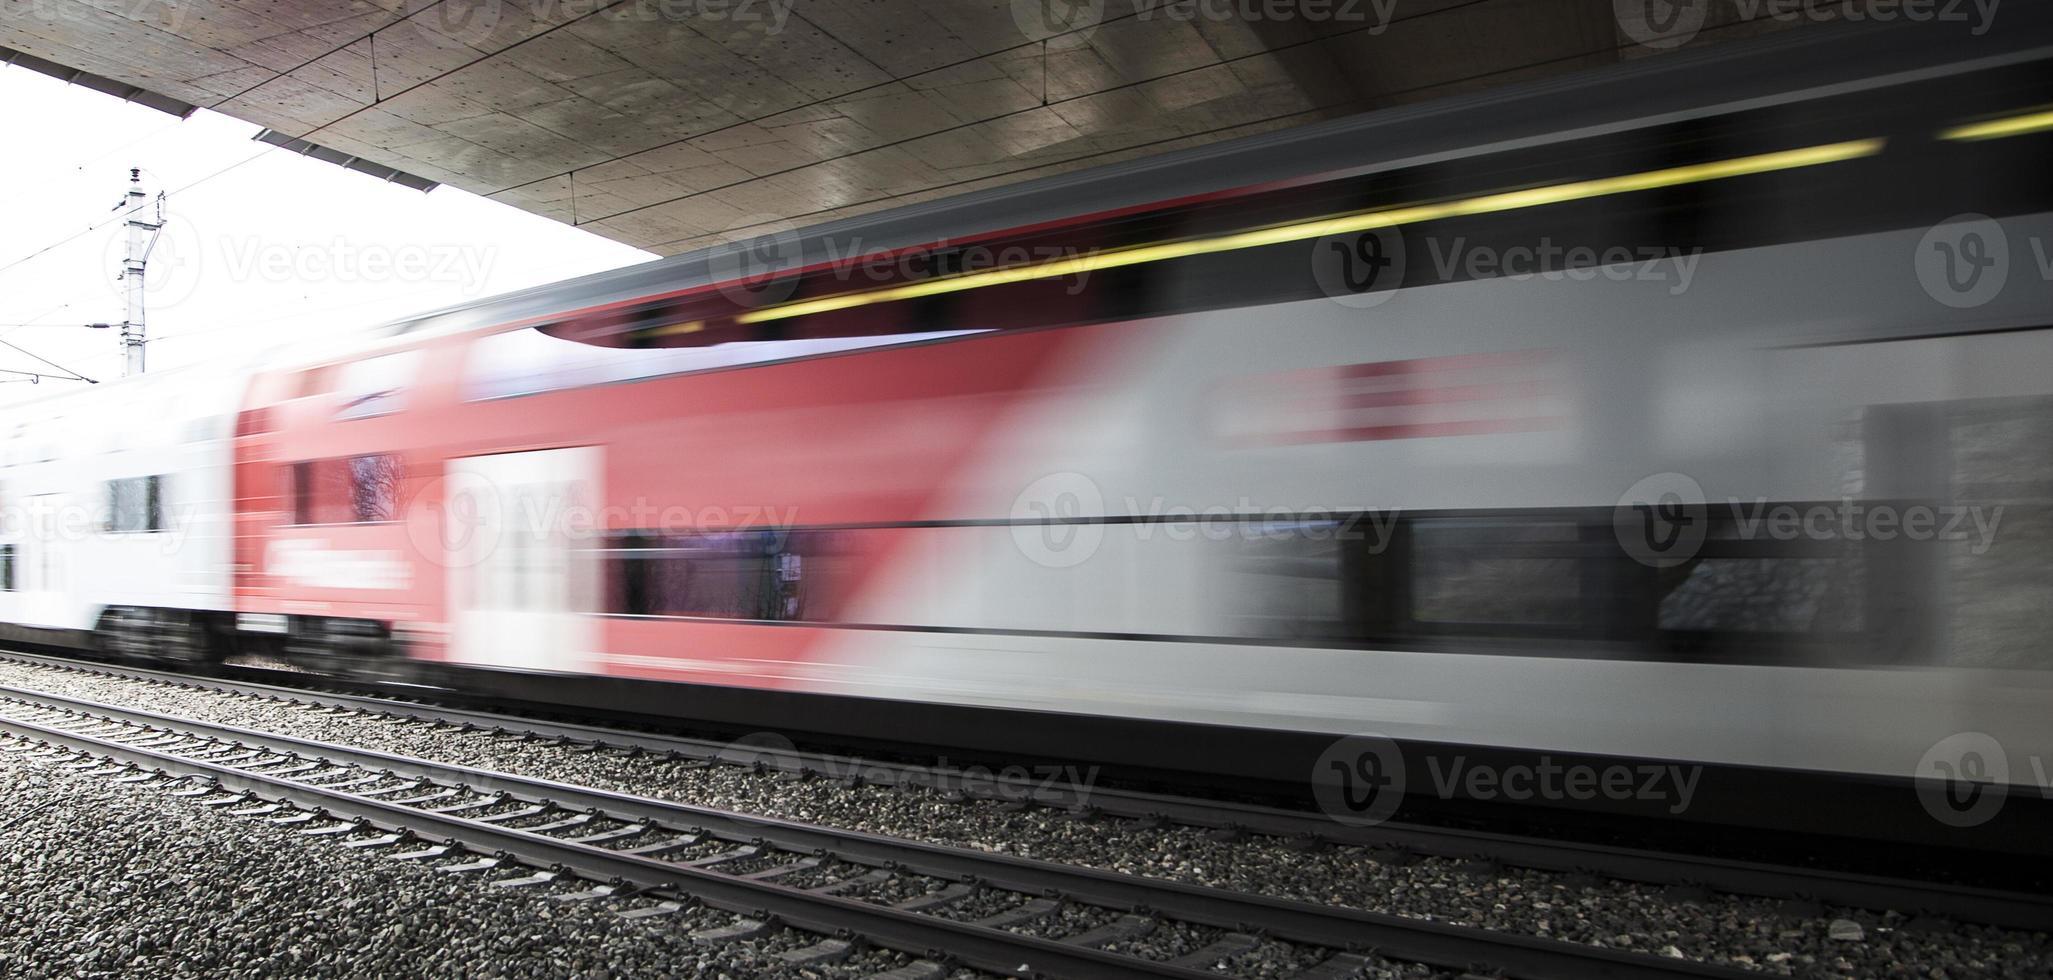 snelle trein passeert onder de brug door foto